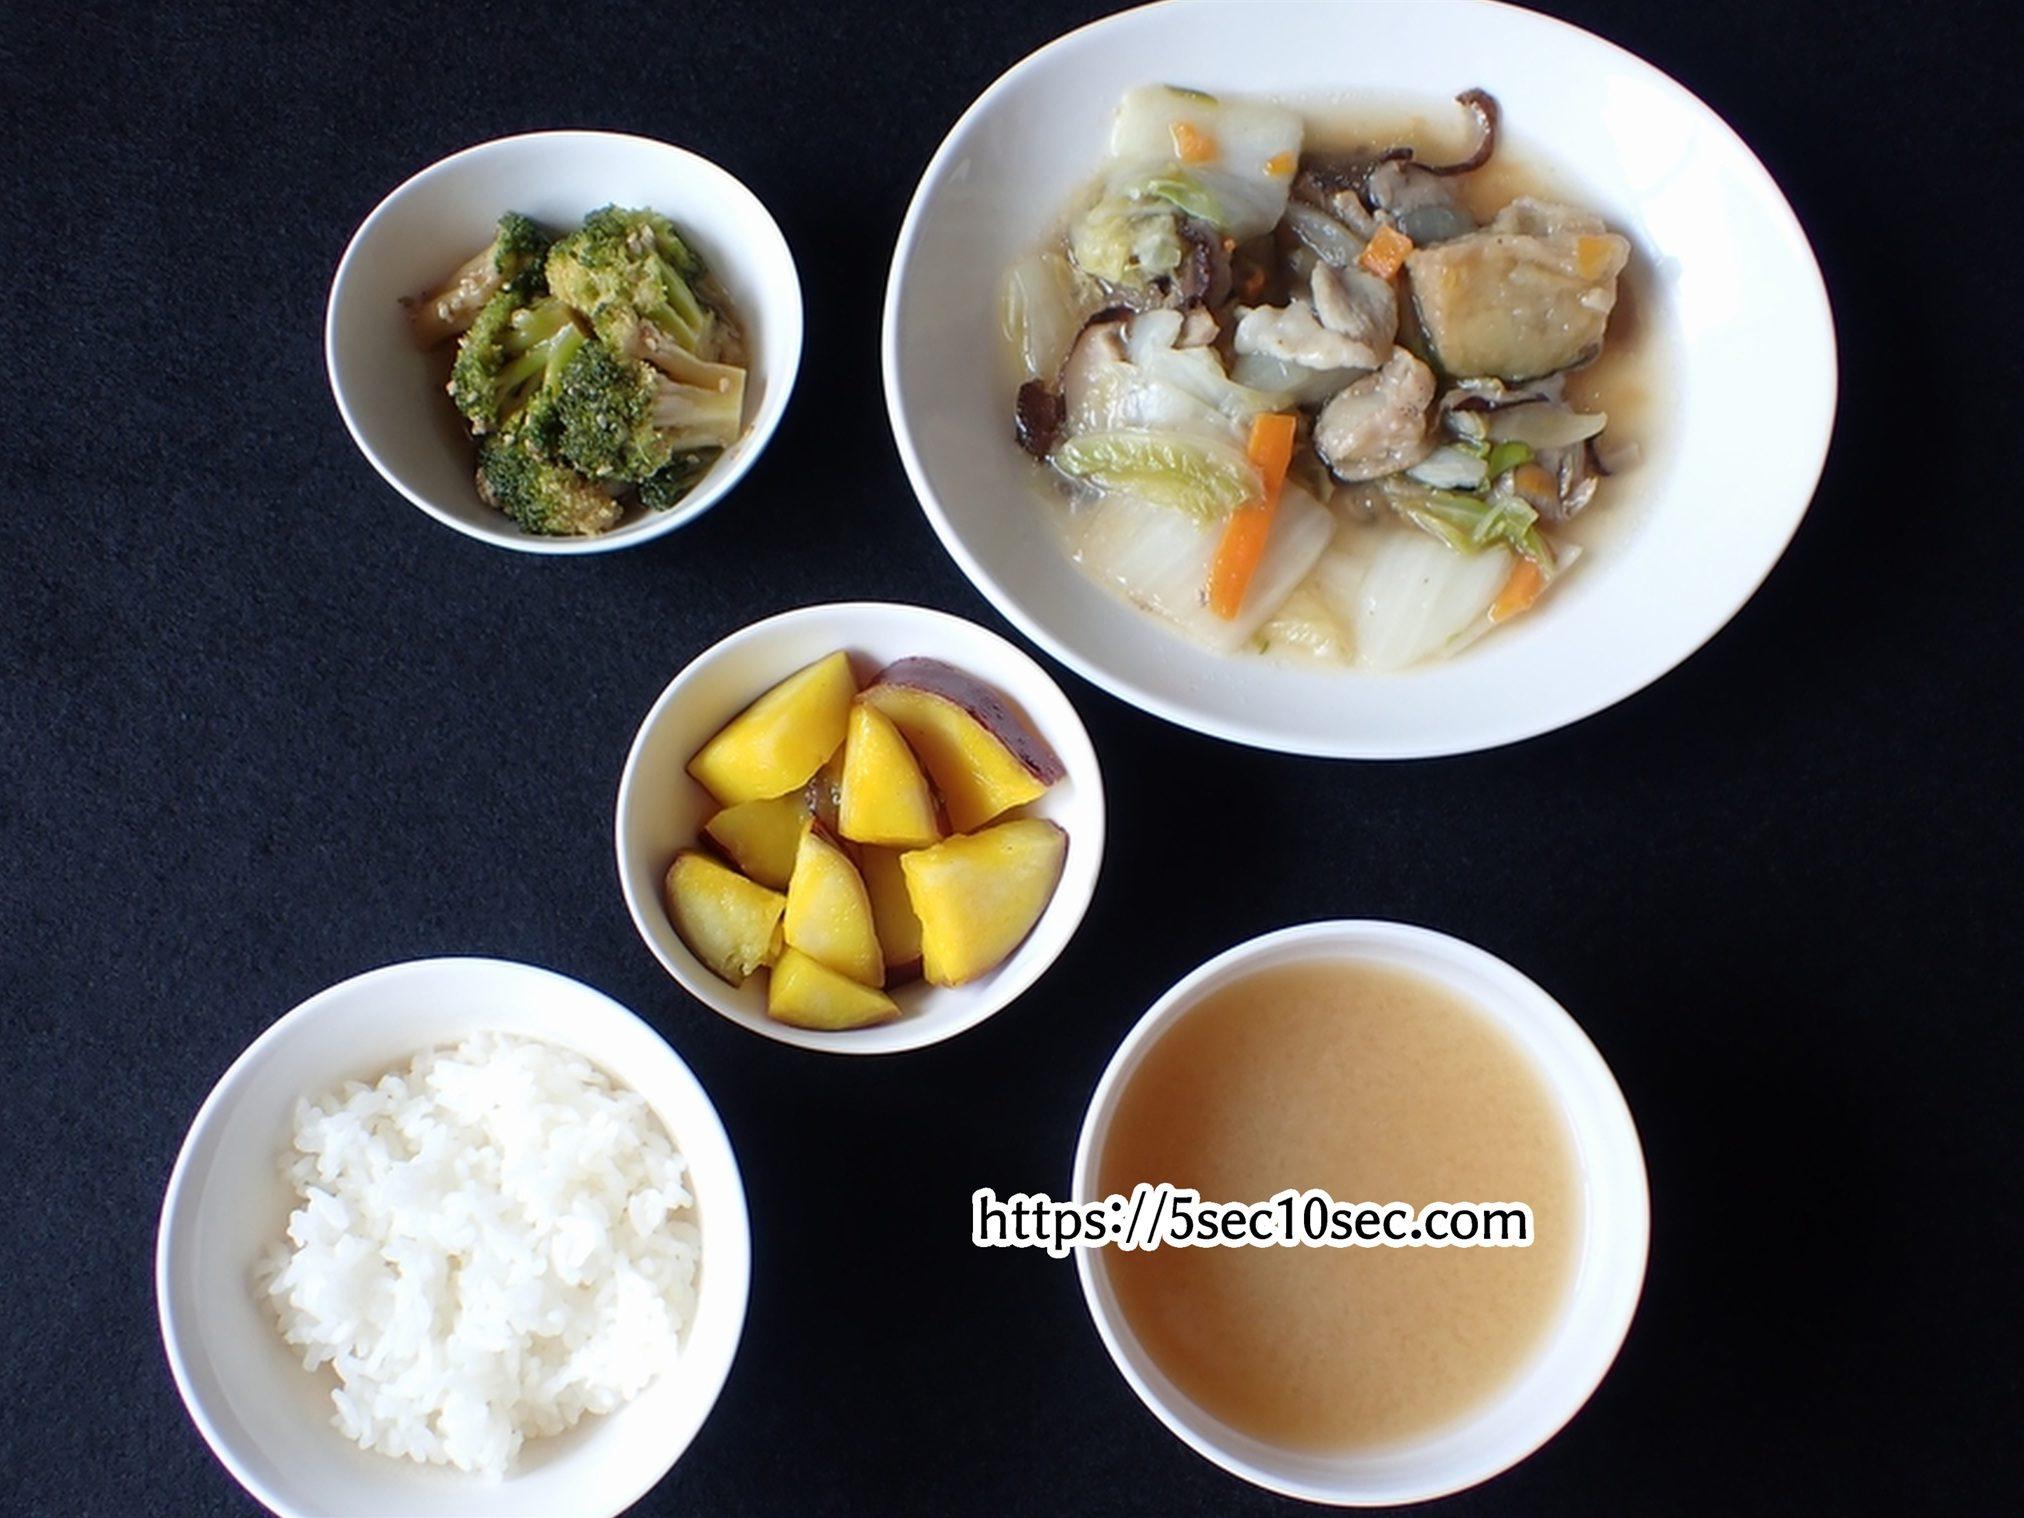 わんまいる 健幸ディナー 大阪泉州産 水茄子入り八宝菜セット ごはん、味噌汁を加えた写真